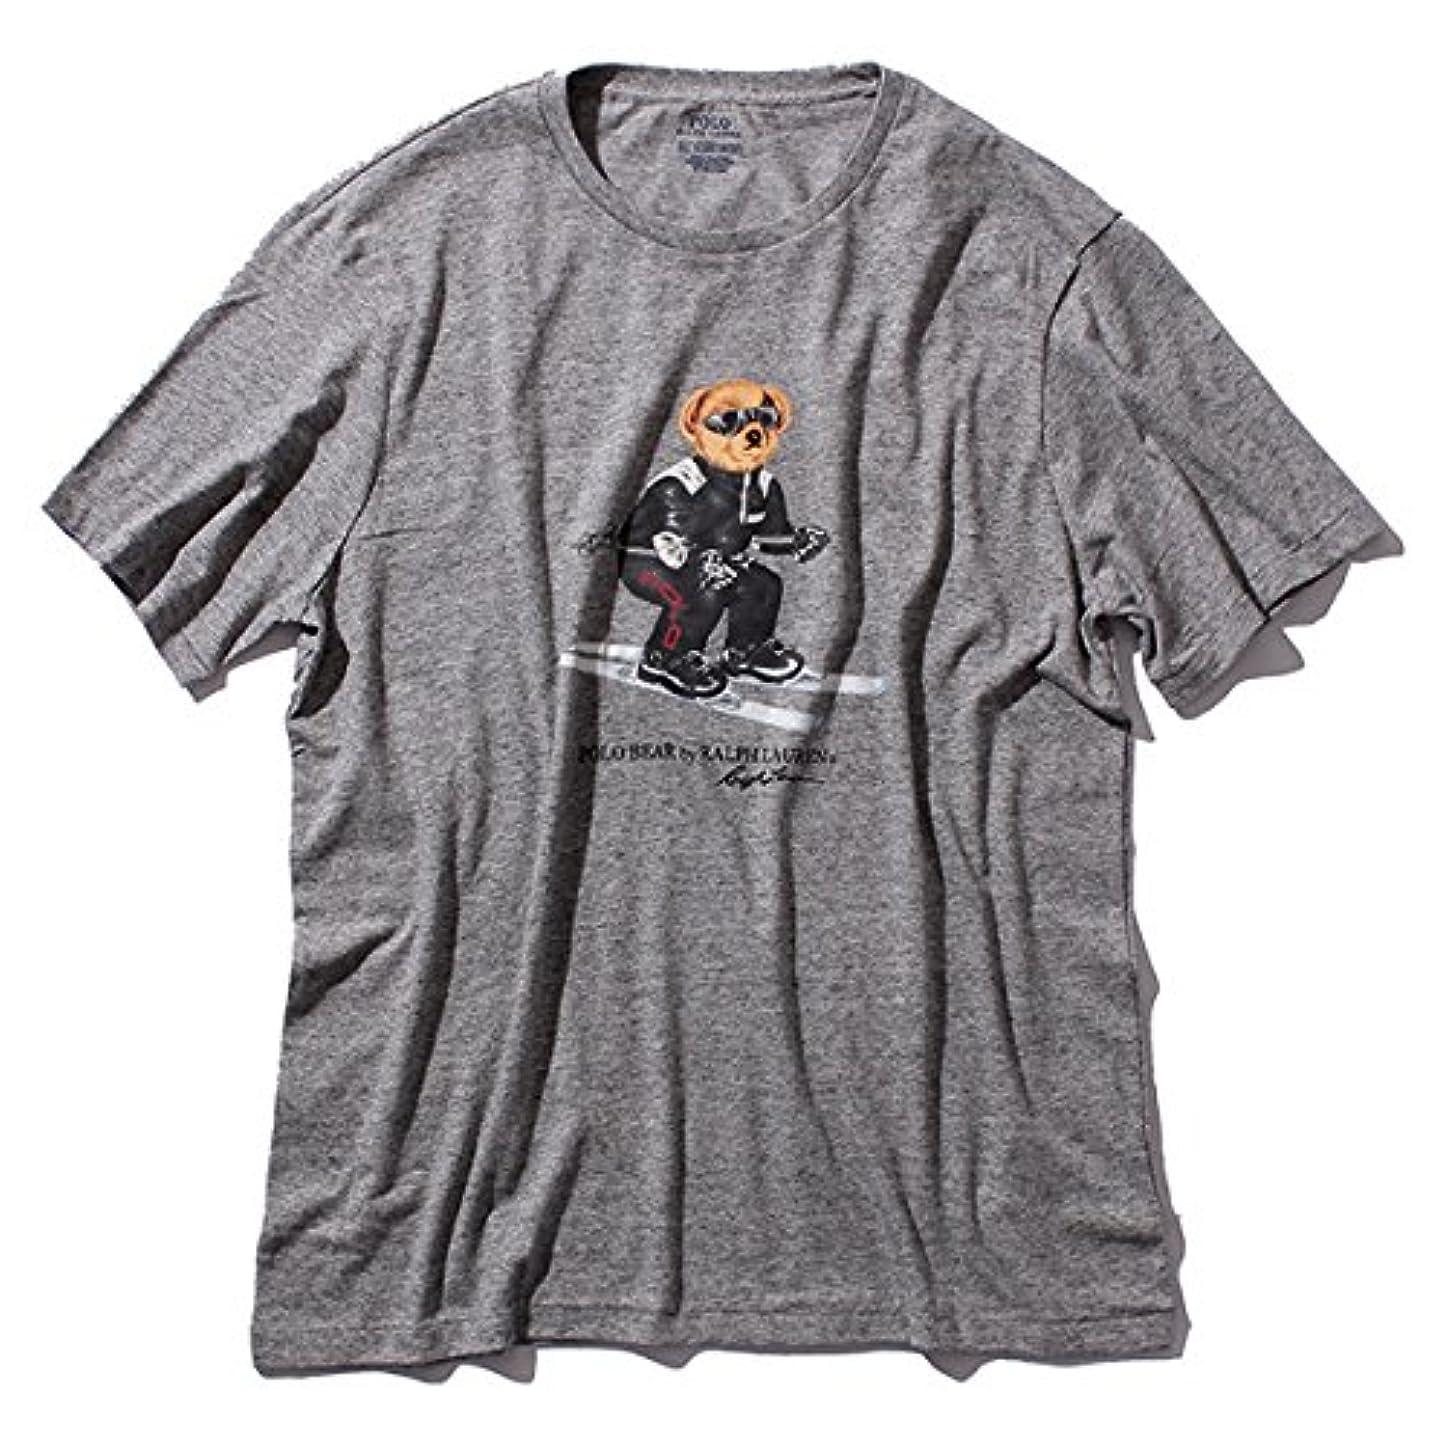 バット樹皮フェローシップPOLO RALPH LAUREN(ポロ ラルフローレン) 半袖デザインTシャツ 710674429002 大きいサイズ メンズ[並行輸入品]